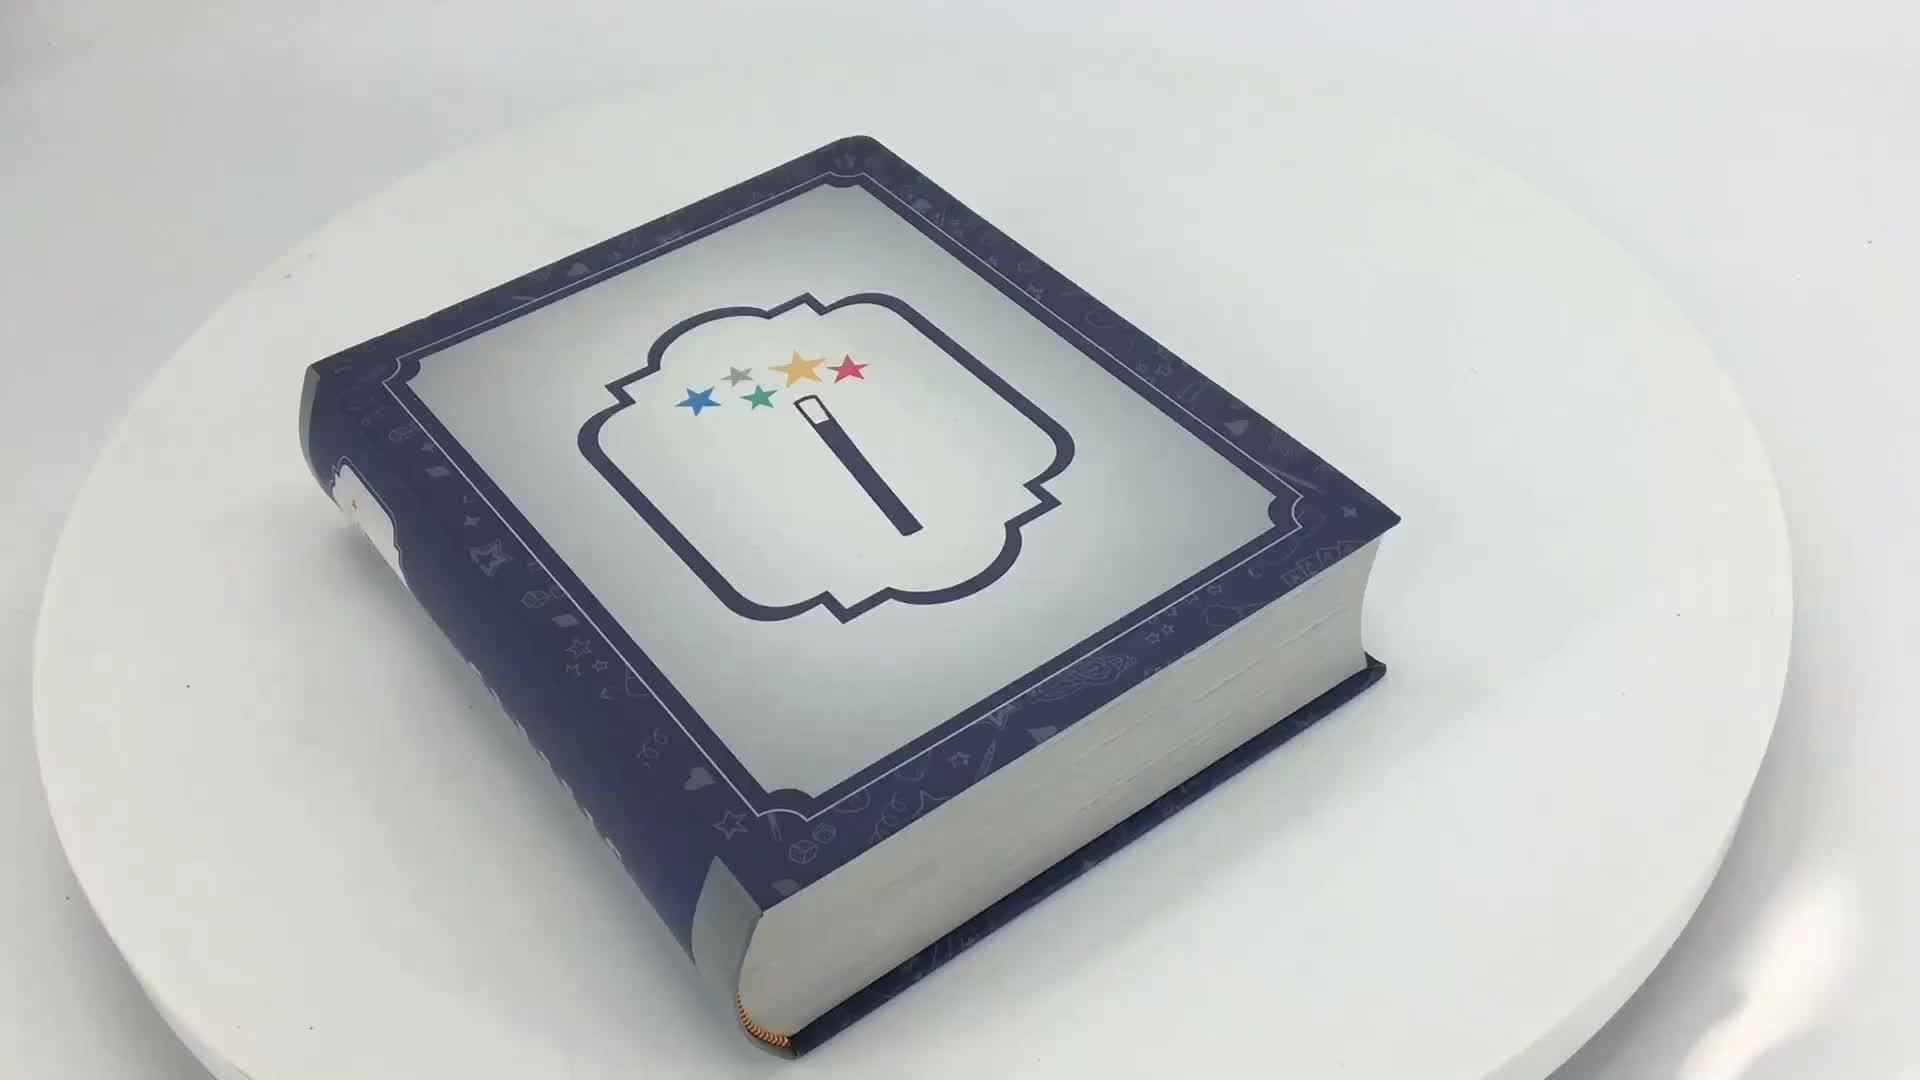 500$ libero coupon nuova francia stampa su carta opaca libro forma di scatola per poeta speciali utilizzati imballaggio del regalo